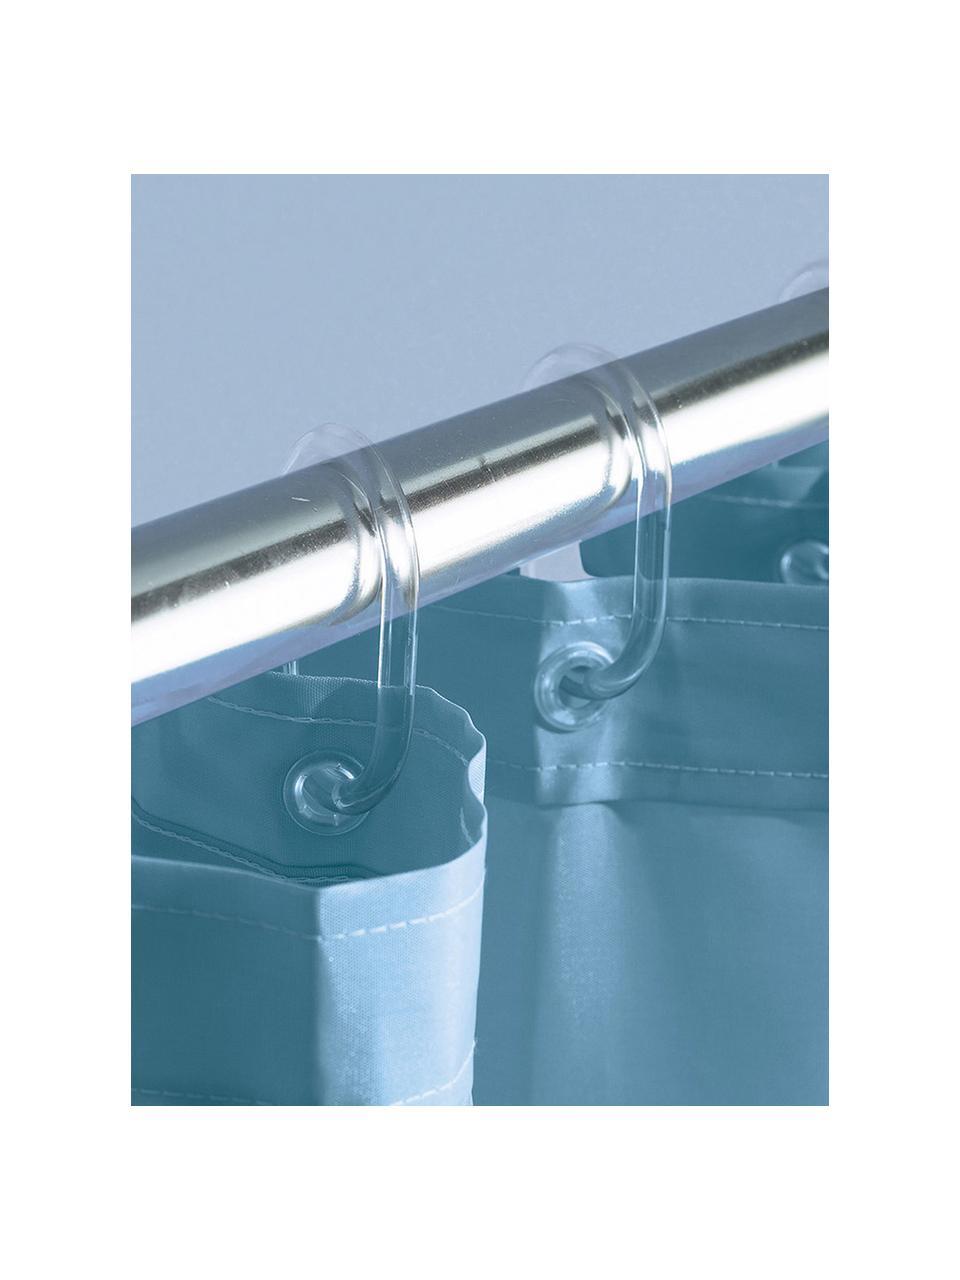 Anneaux de rideau de douche transparents Crystal, 12 pièces, Transparent